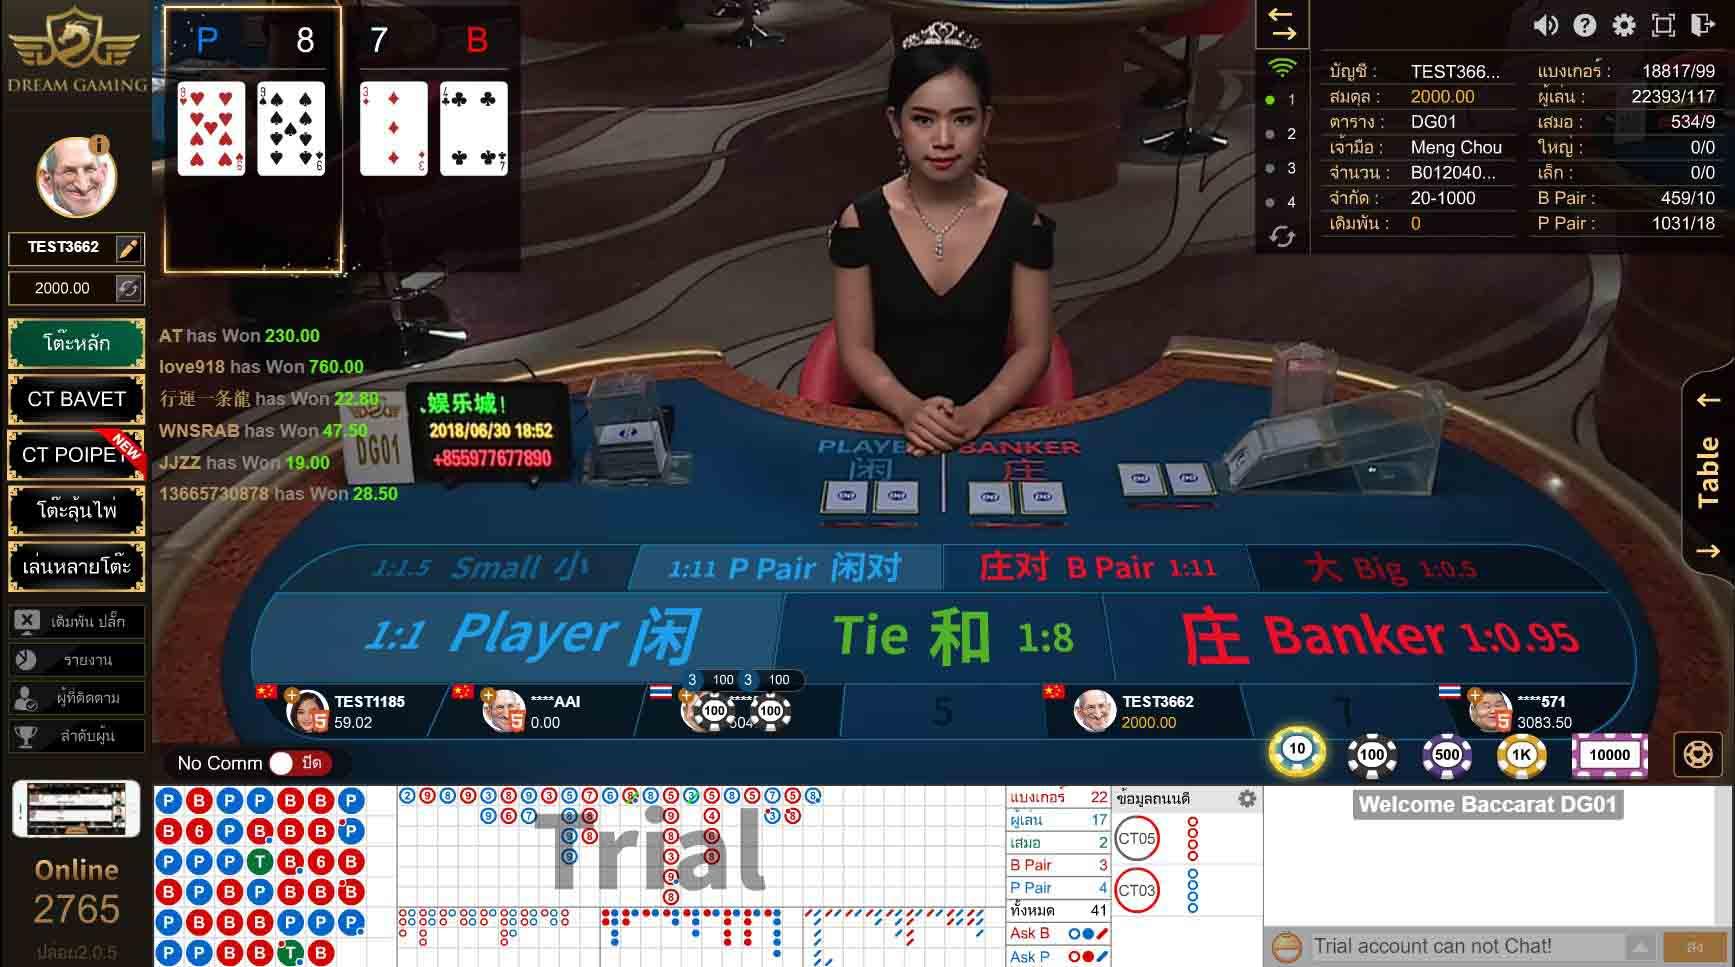 สมัคร dg casino